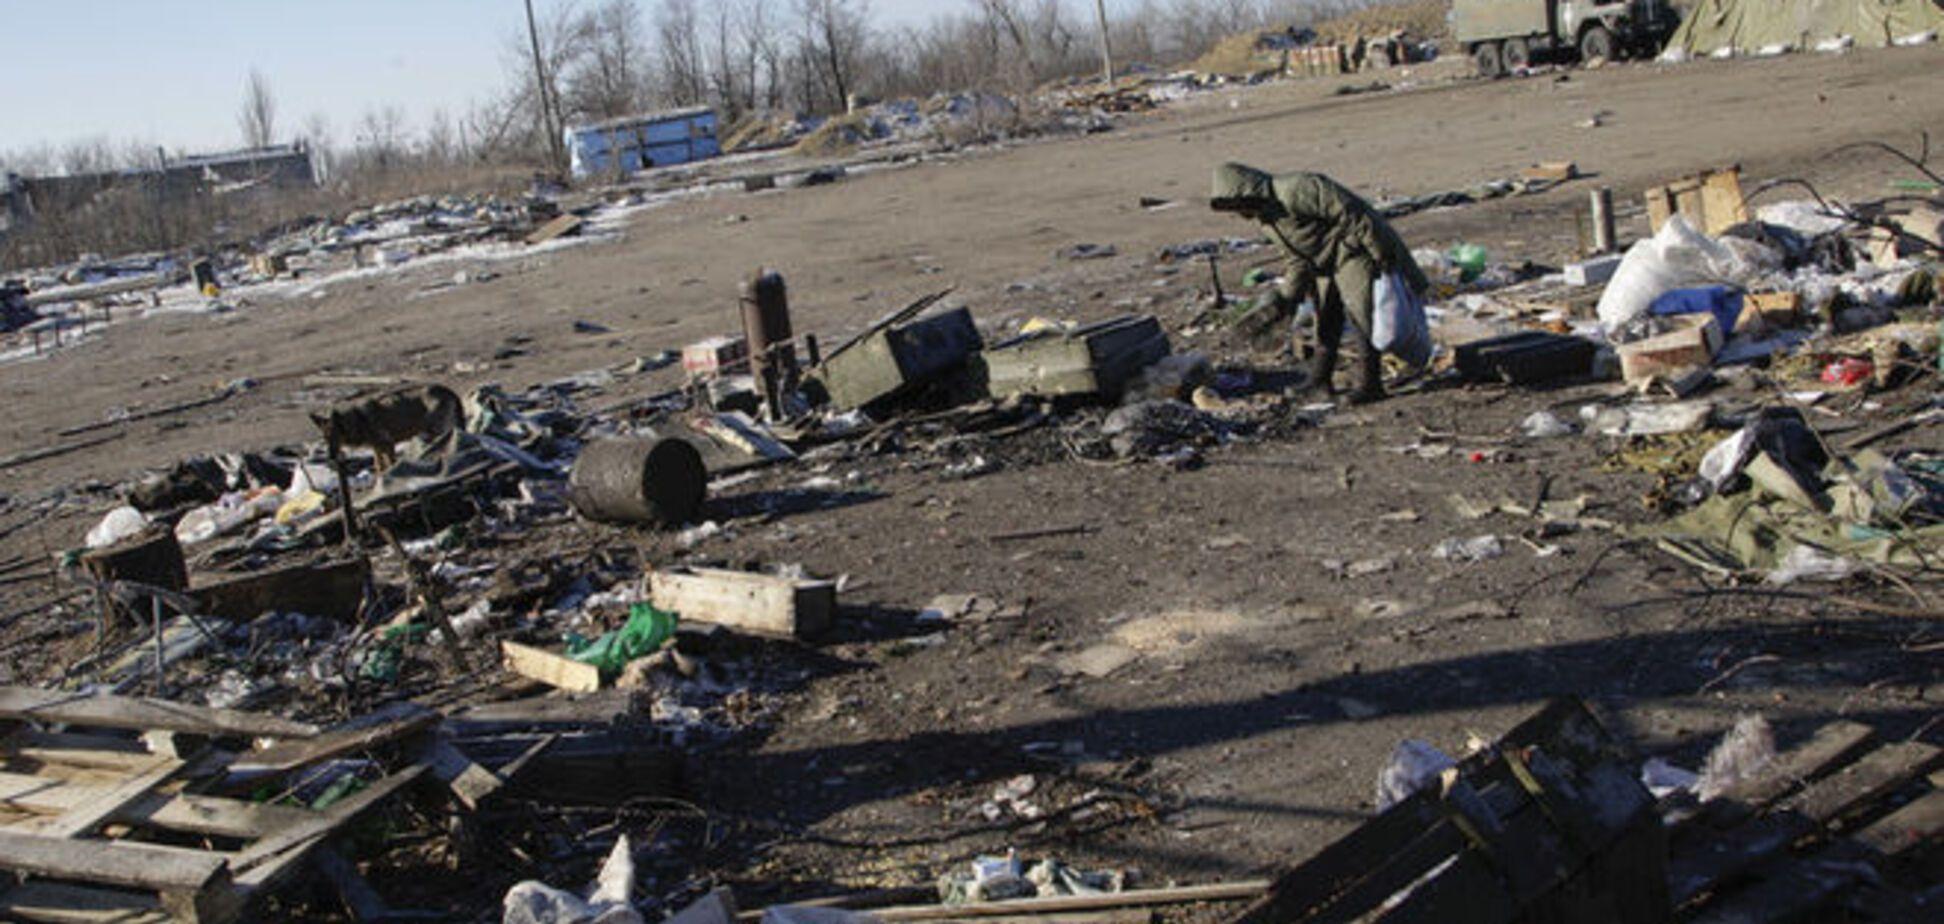 Москаль выиграл 'газовую войну' у боевиков 'ЛНР'